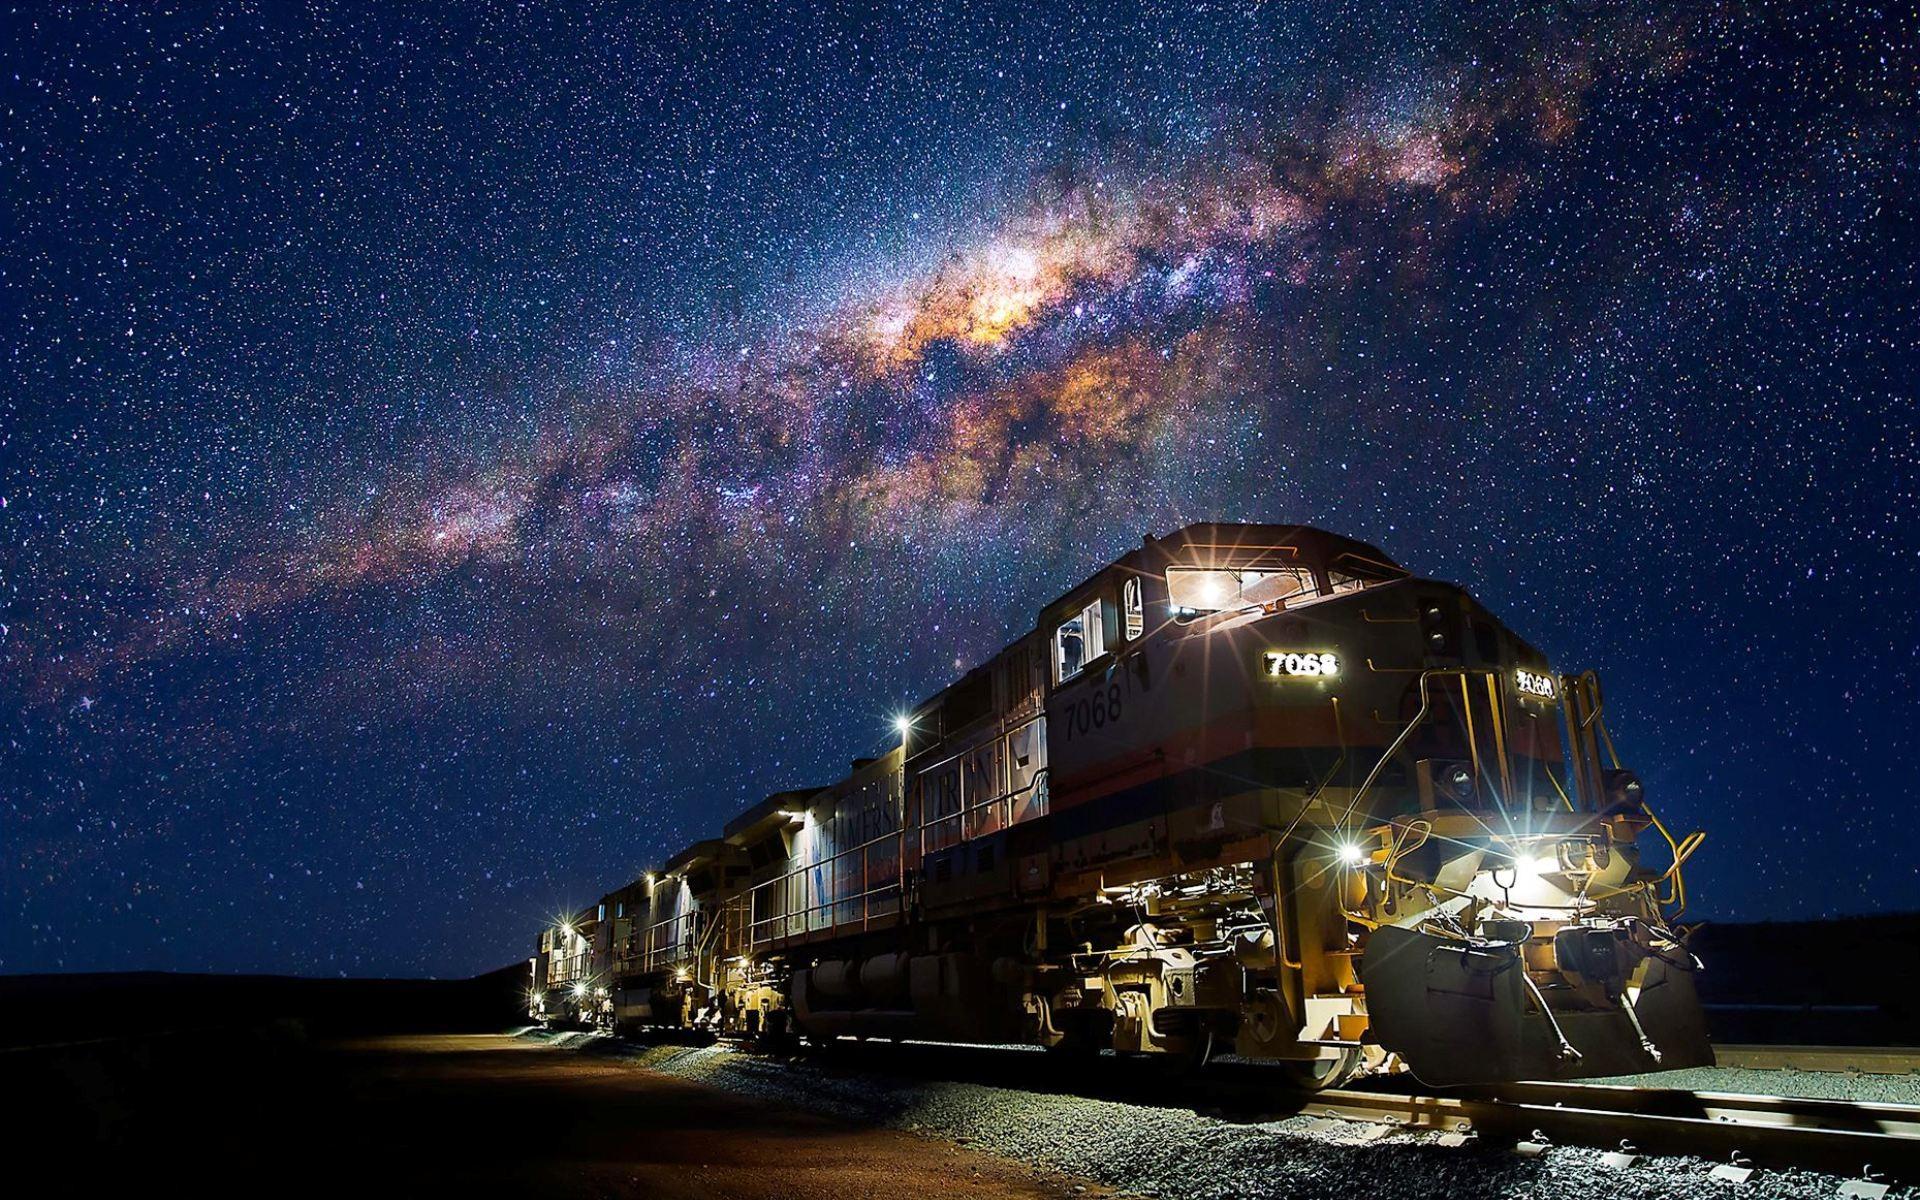 выбирает красивое фото ночные поезда обусловлено защитными